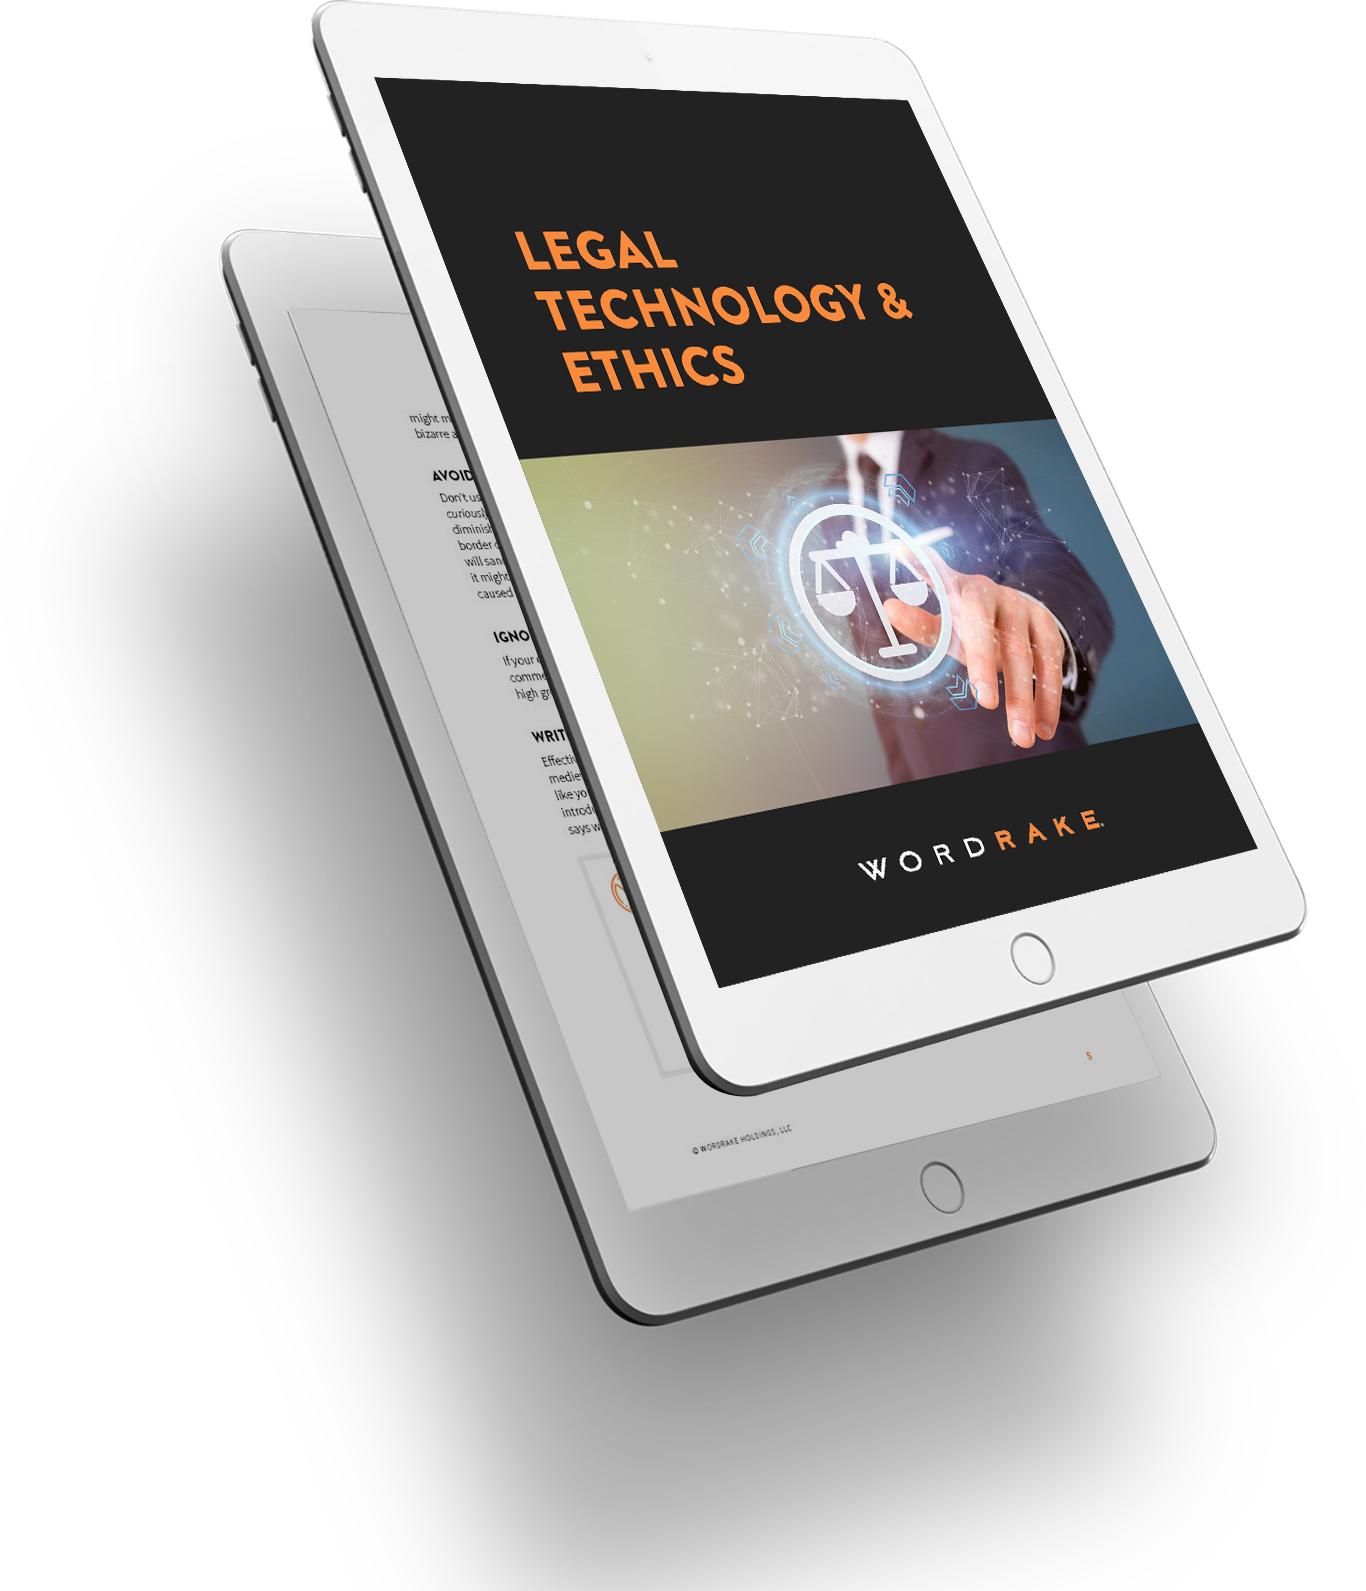 Legal Tech Video 3D Image